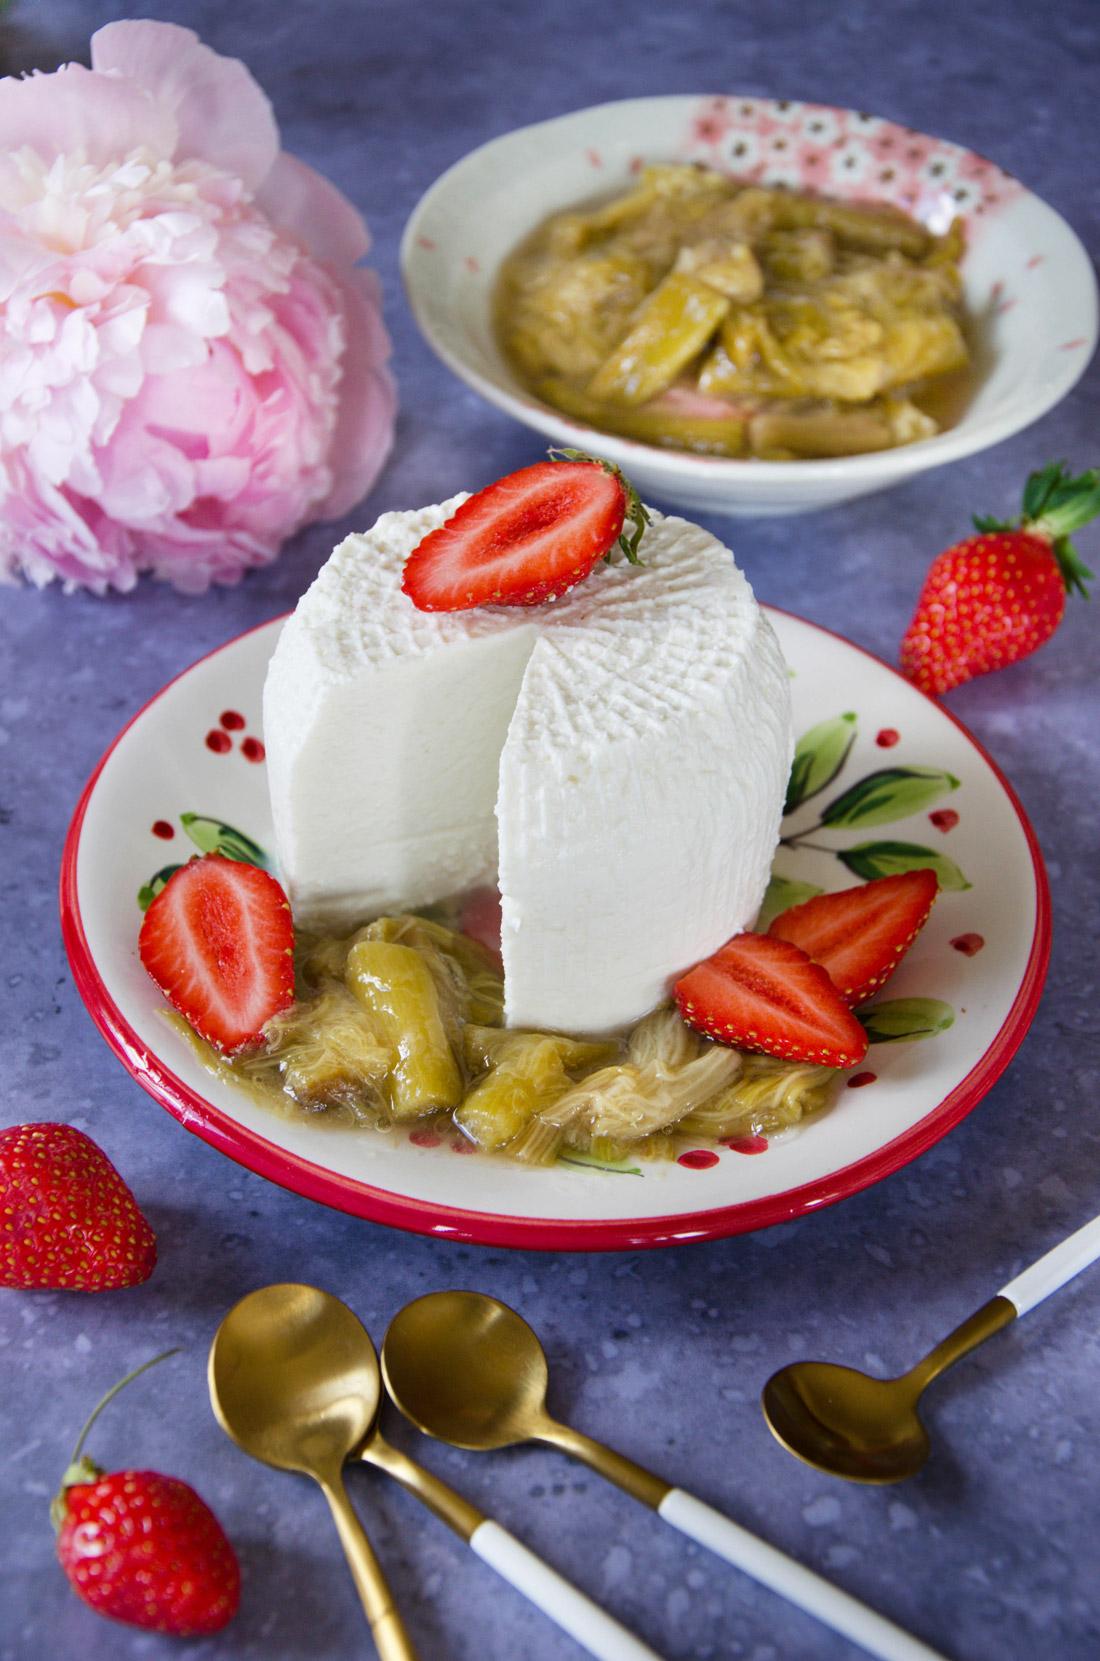 Brocciu fraises rhubarbe, dessert savoureux et gourmand, de saison au printemps.